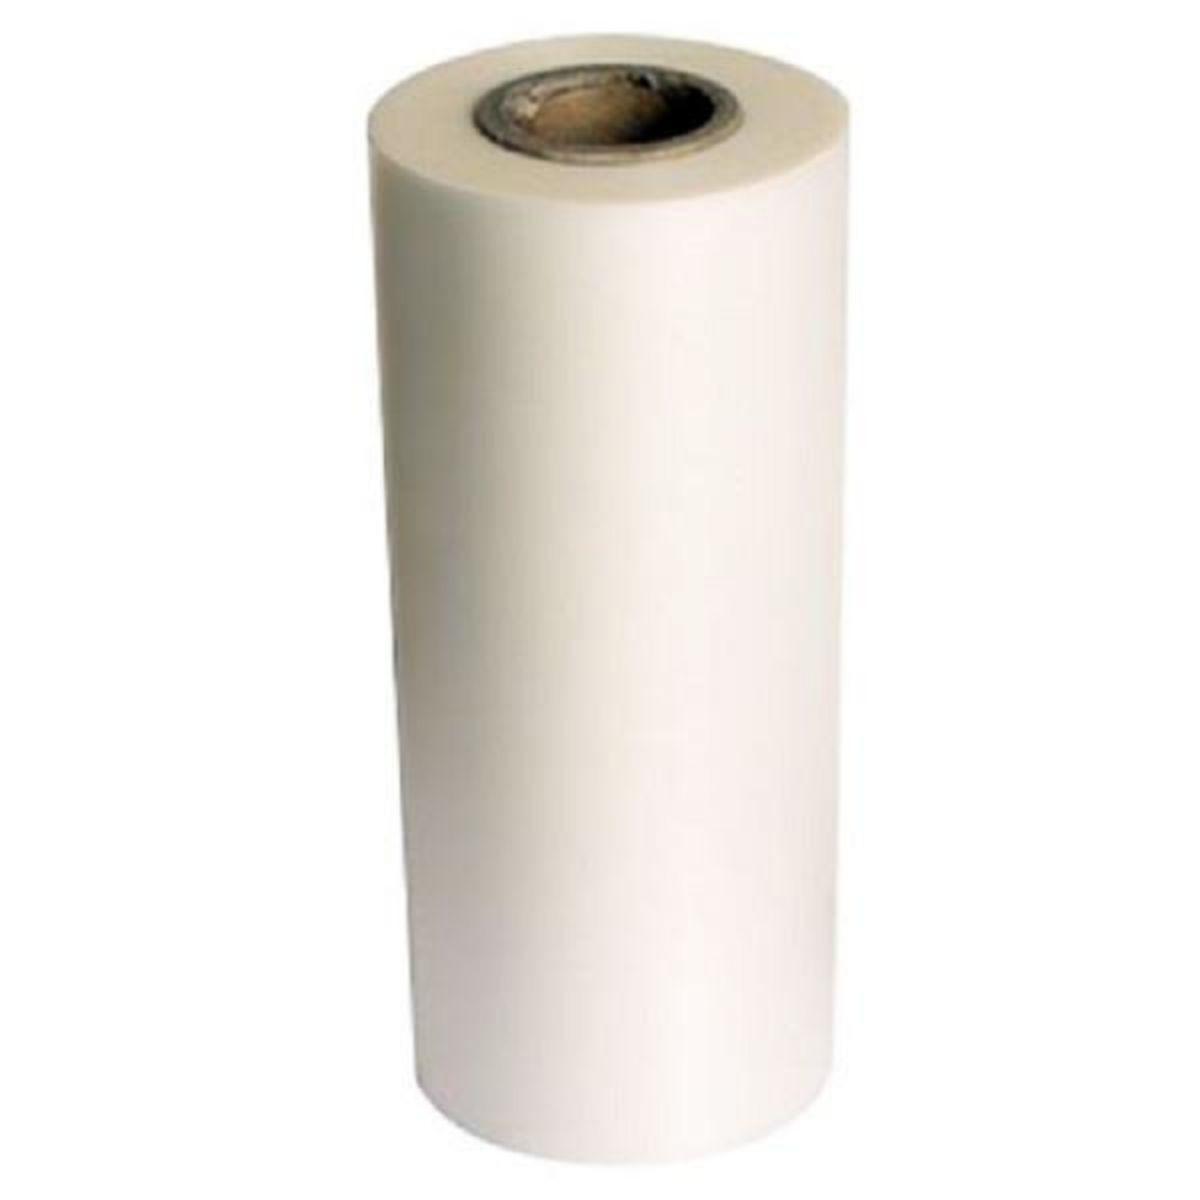 Bobina de BOPP para Laminação Fosco 21,5cm x 350M (30 micras)  - Click Suprimentos